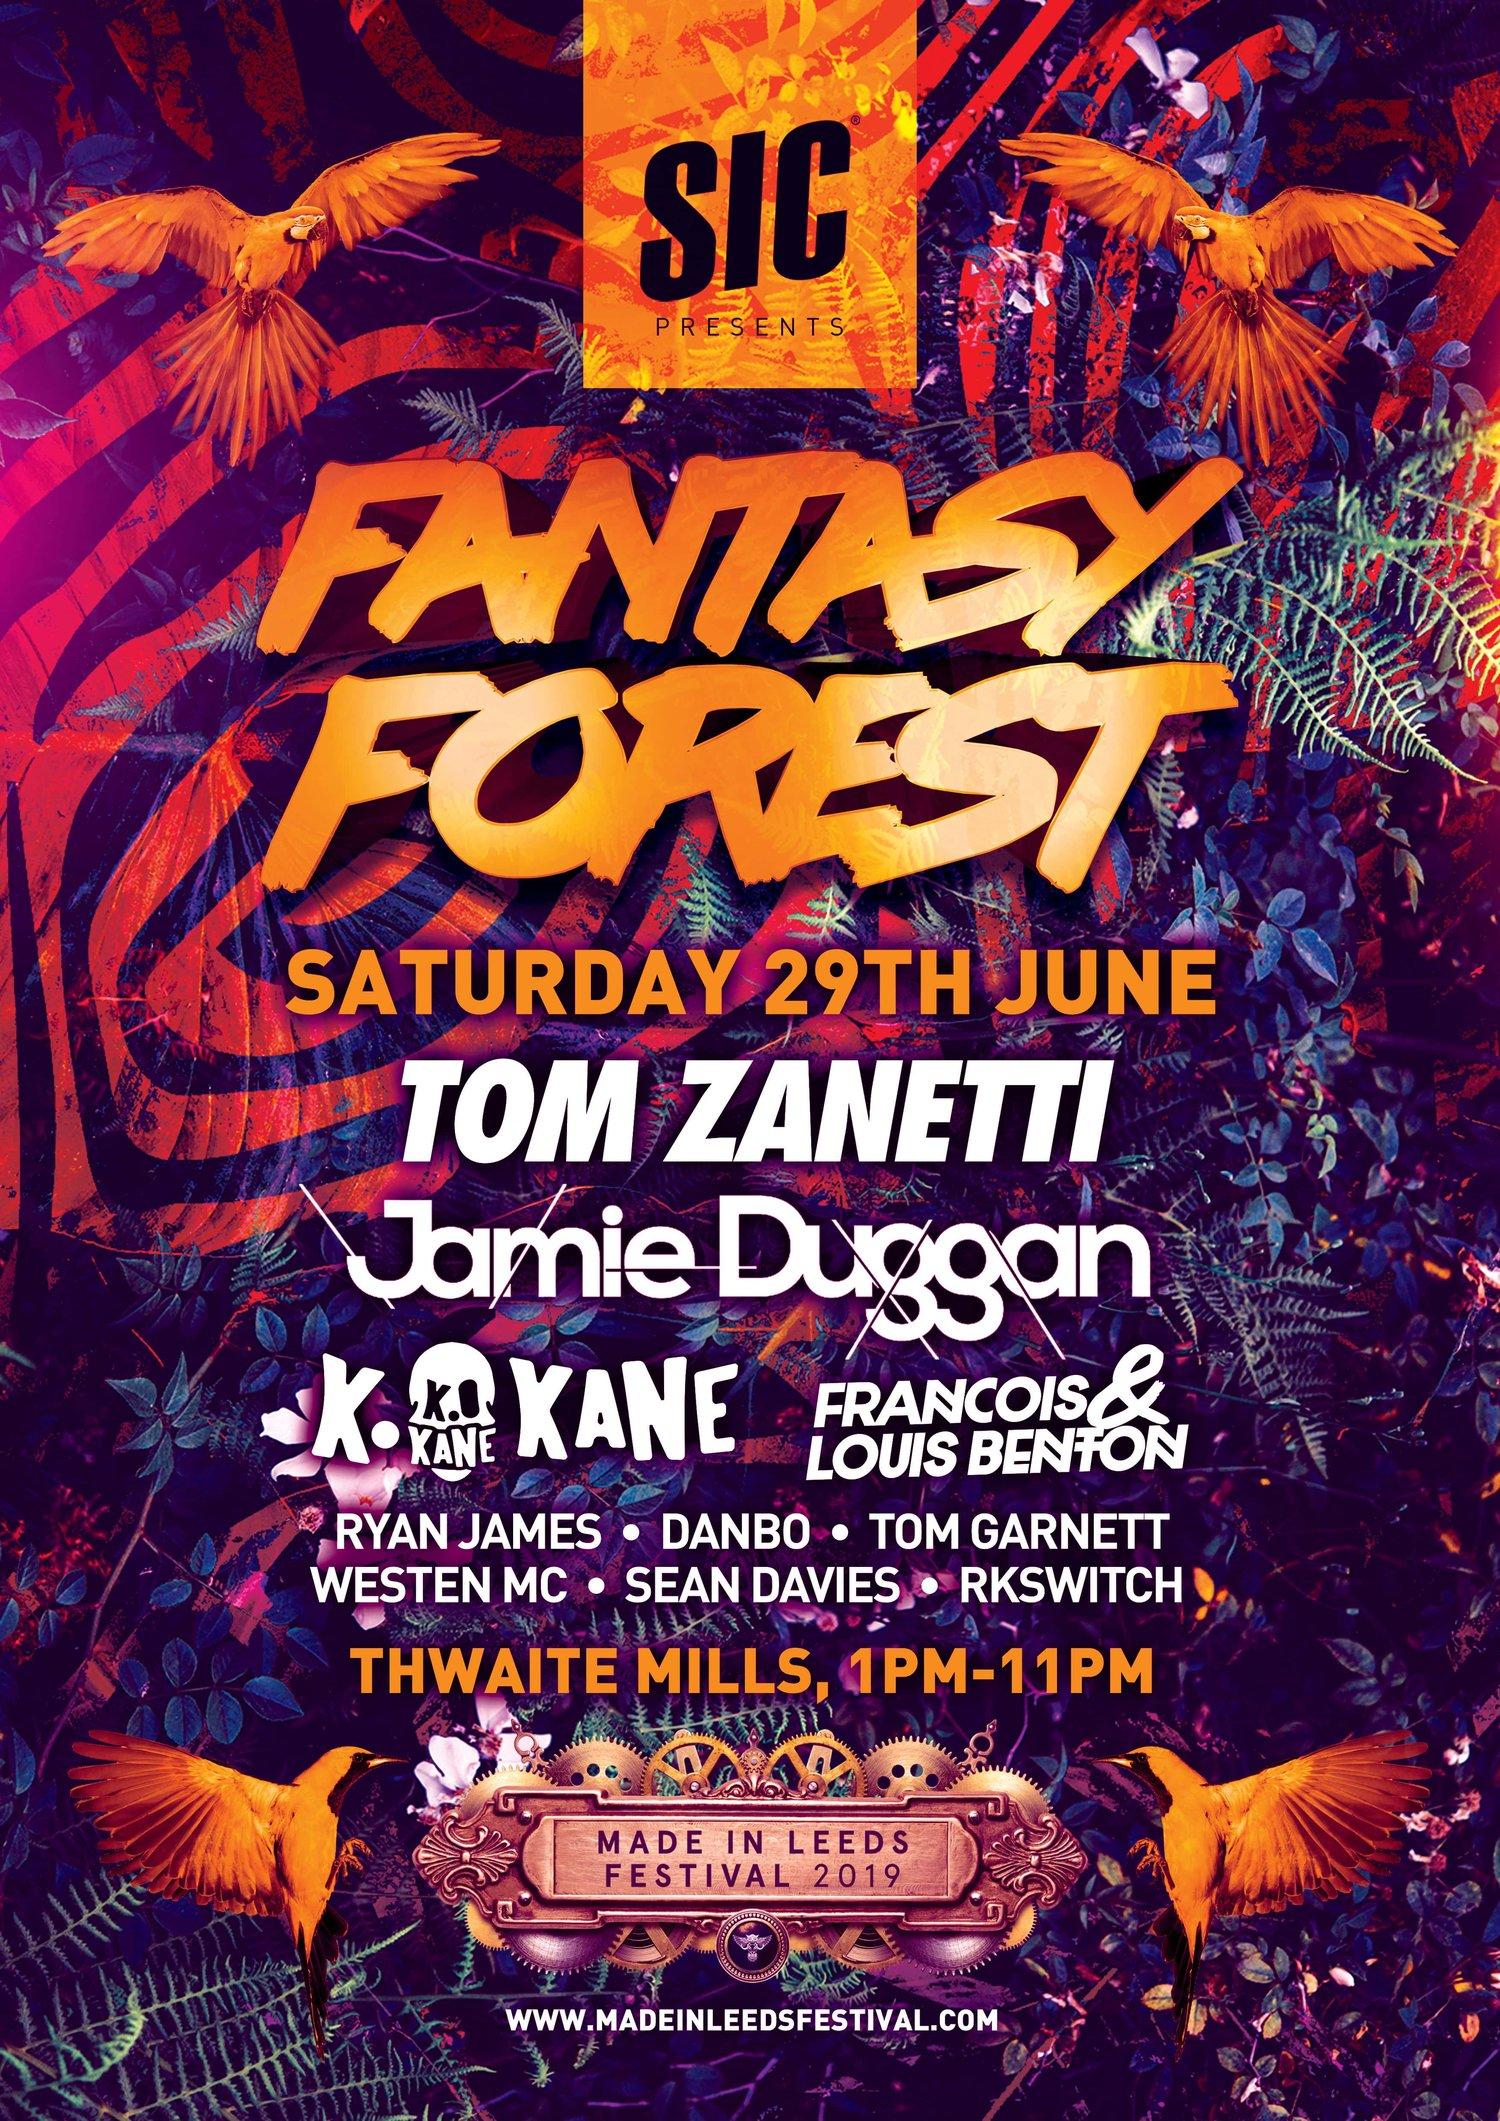 SIC-Fantasy-Forest-A3-min.jpg